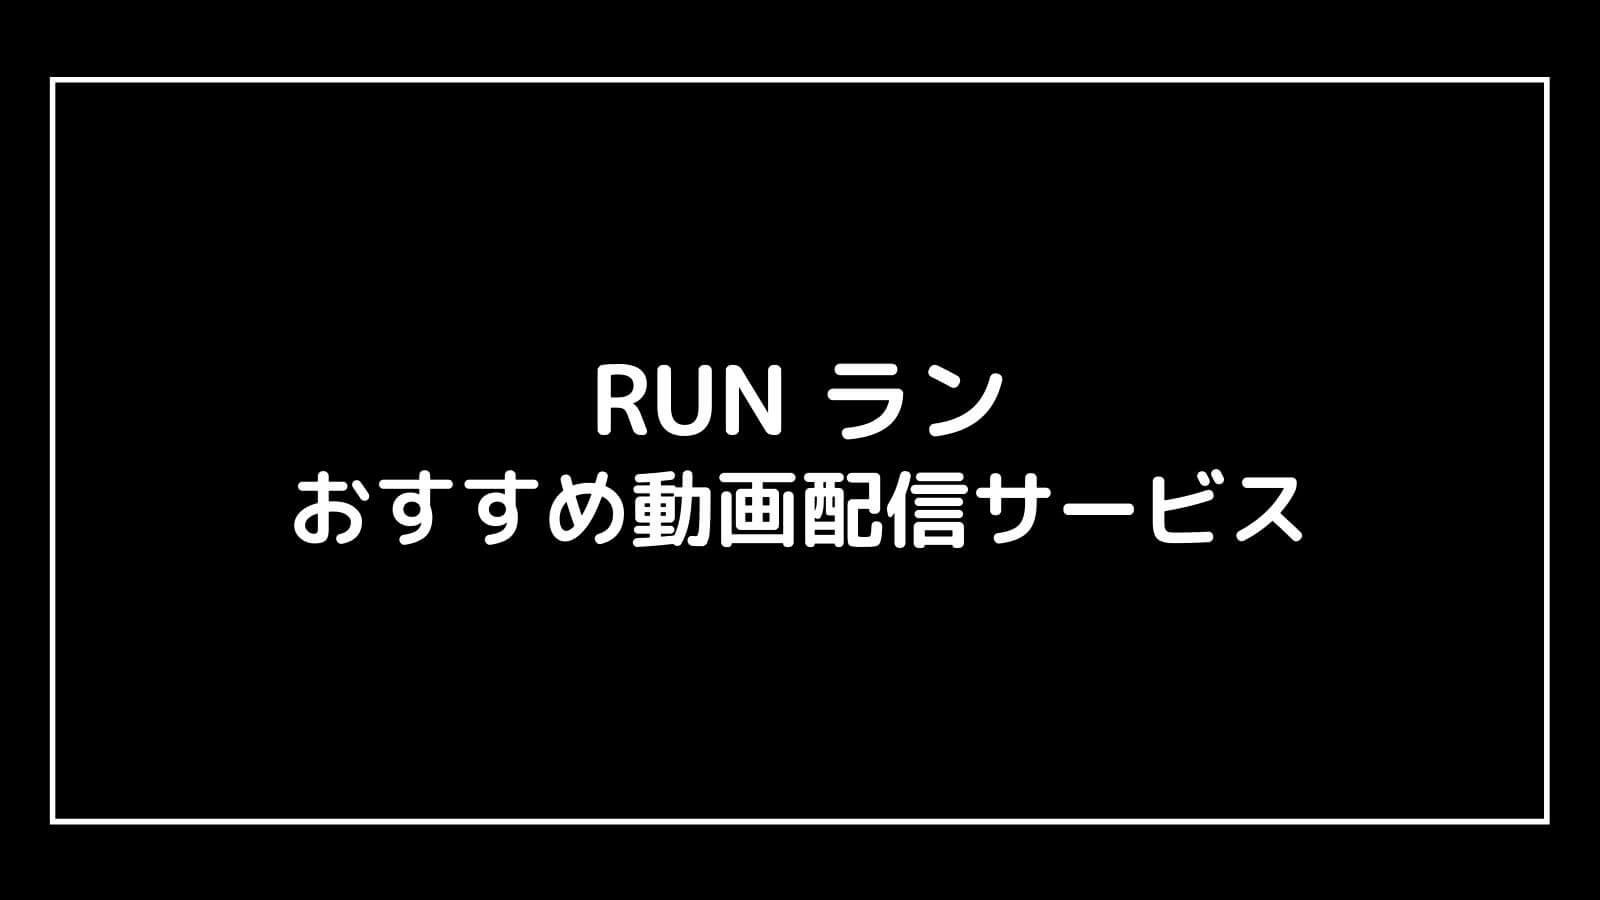 映画『RUN ラン』の配信を無料視聴できるおすすめ動画配信サイト